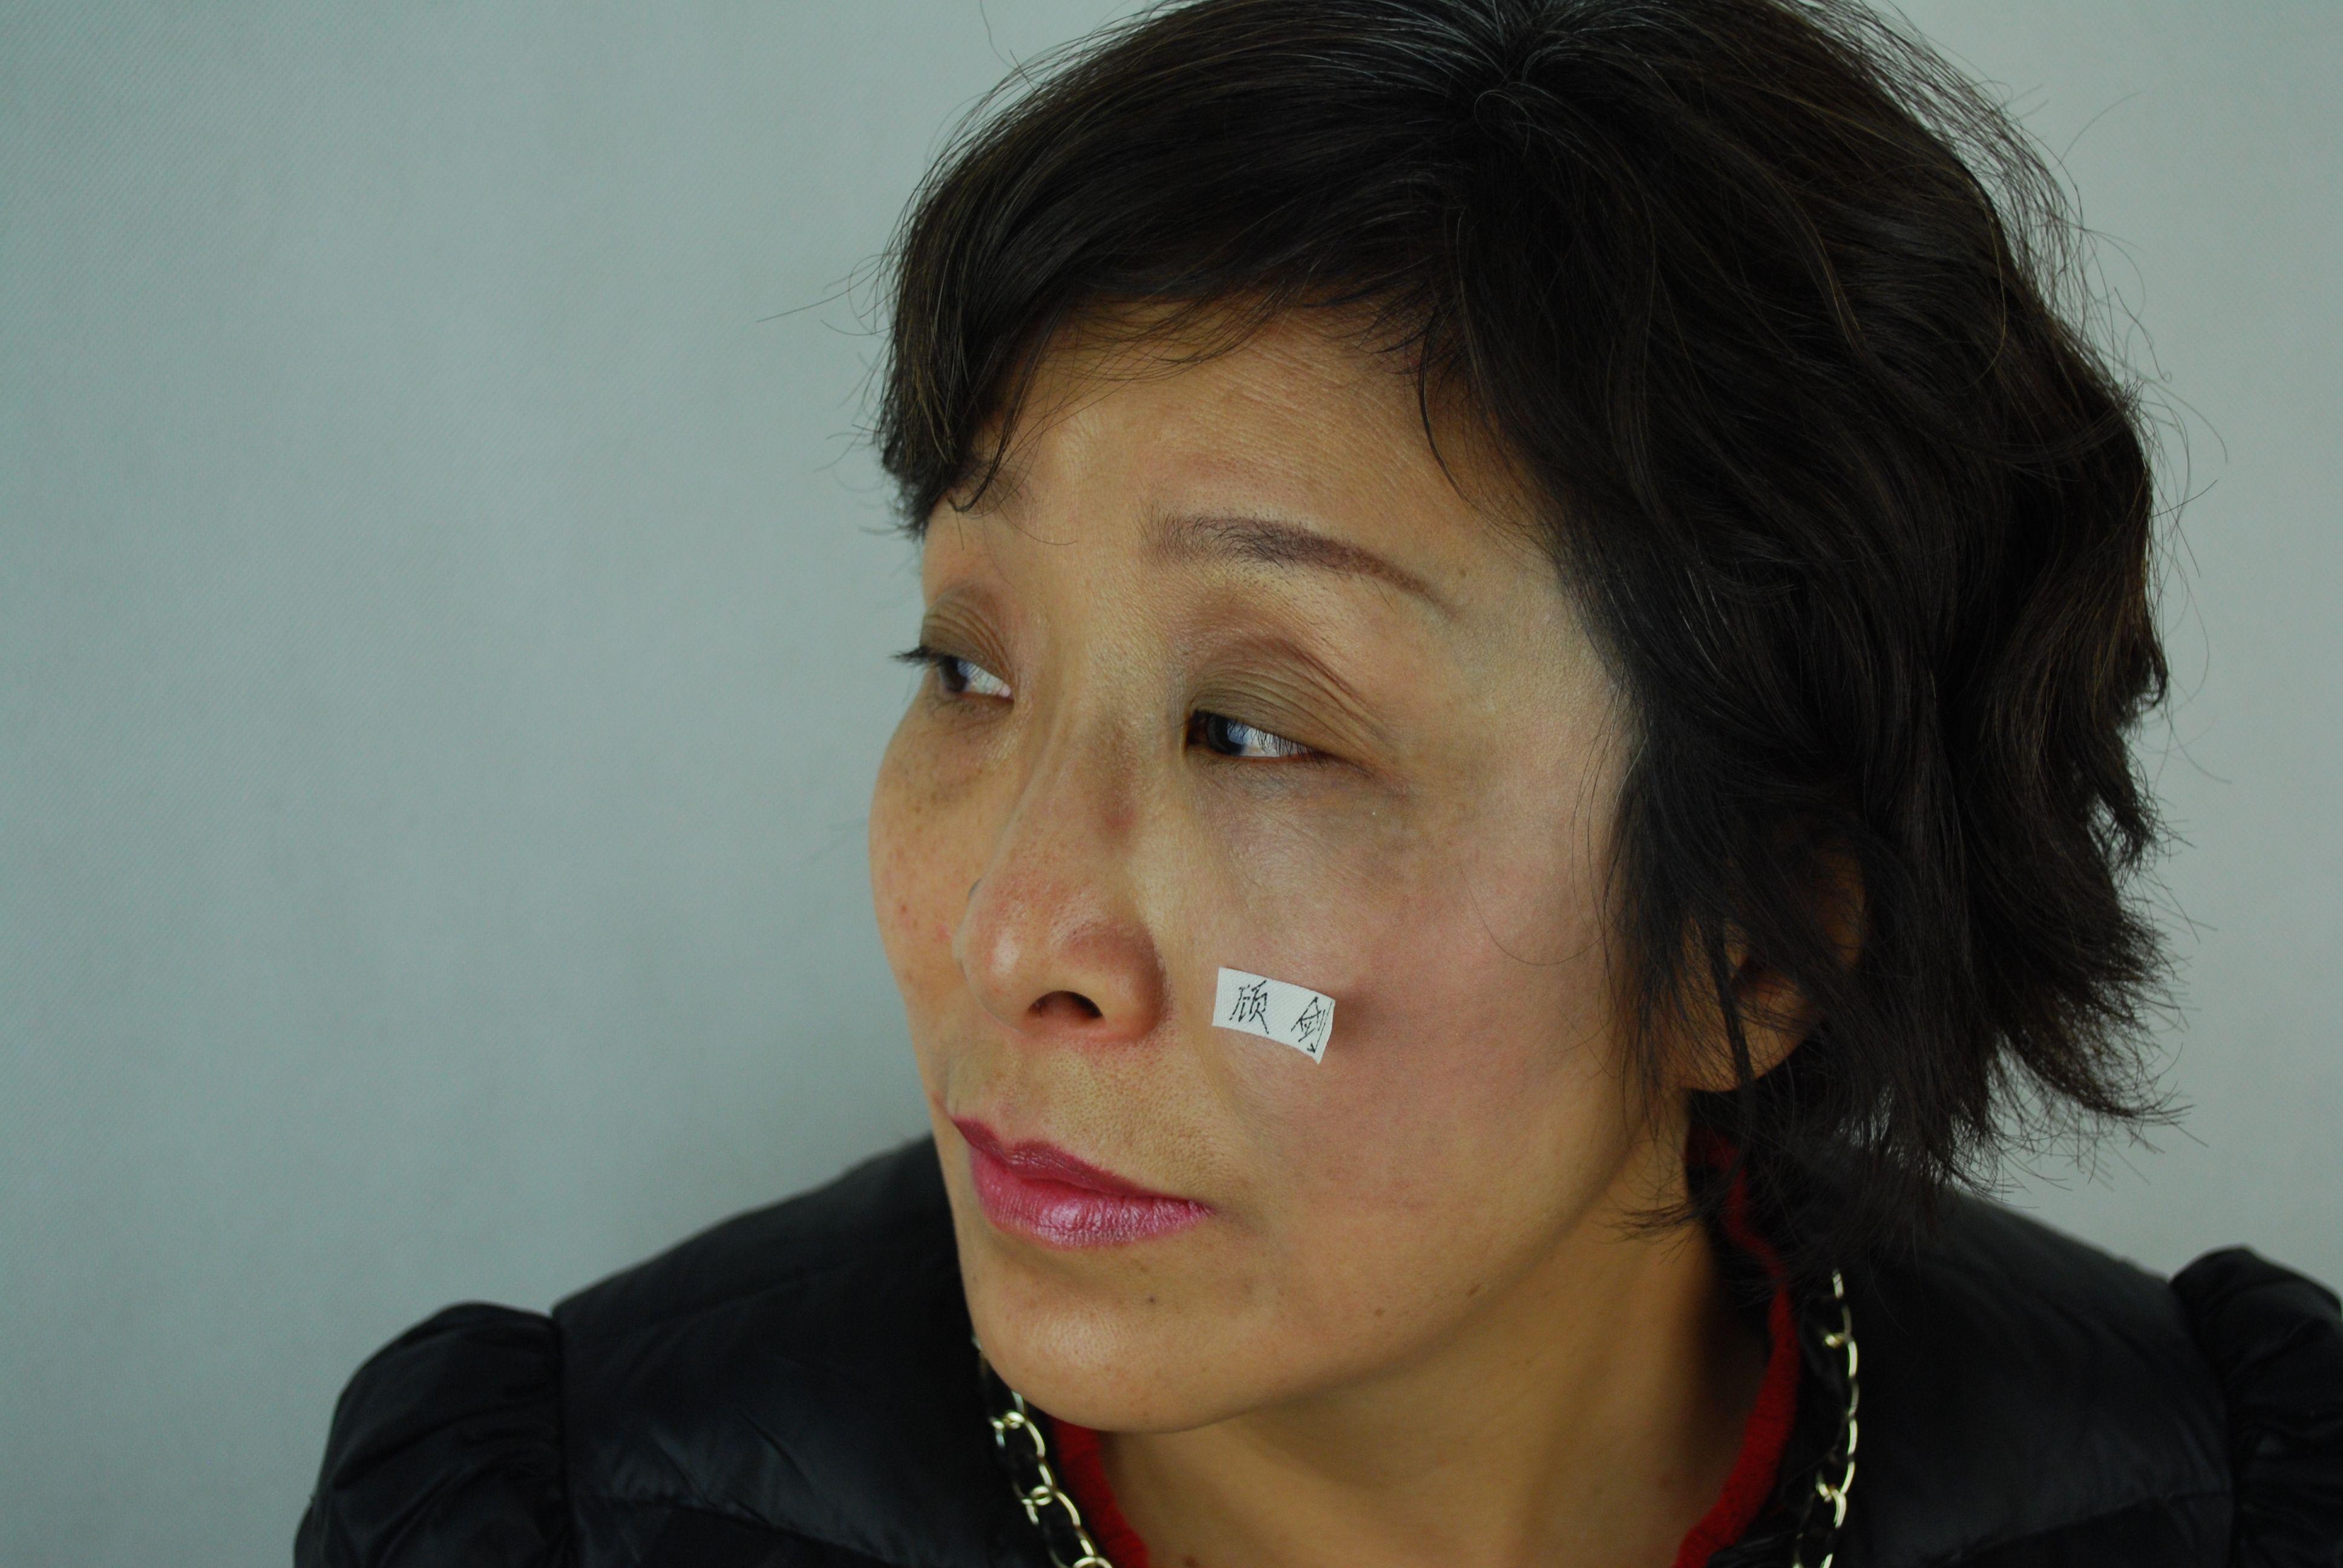 太田痣祛除 项目分类:皮肤管理 皮肤修复 祛胎记